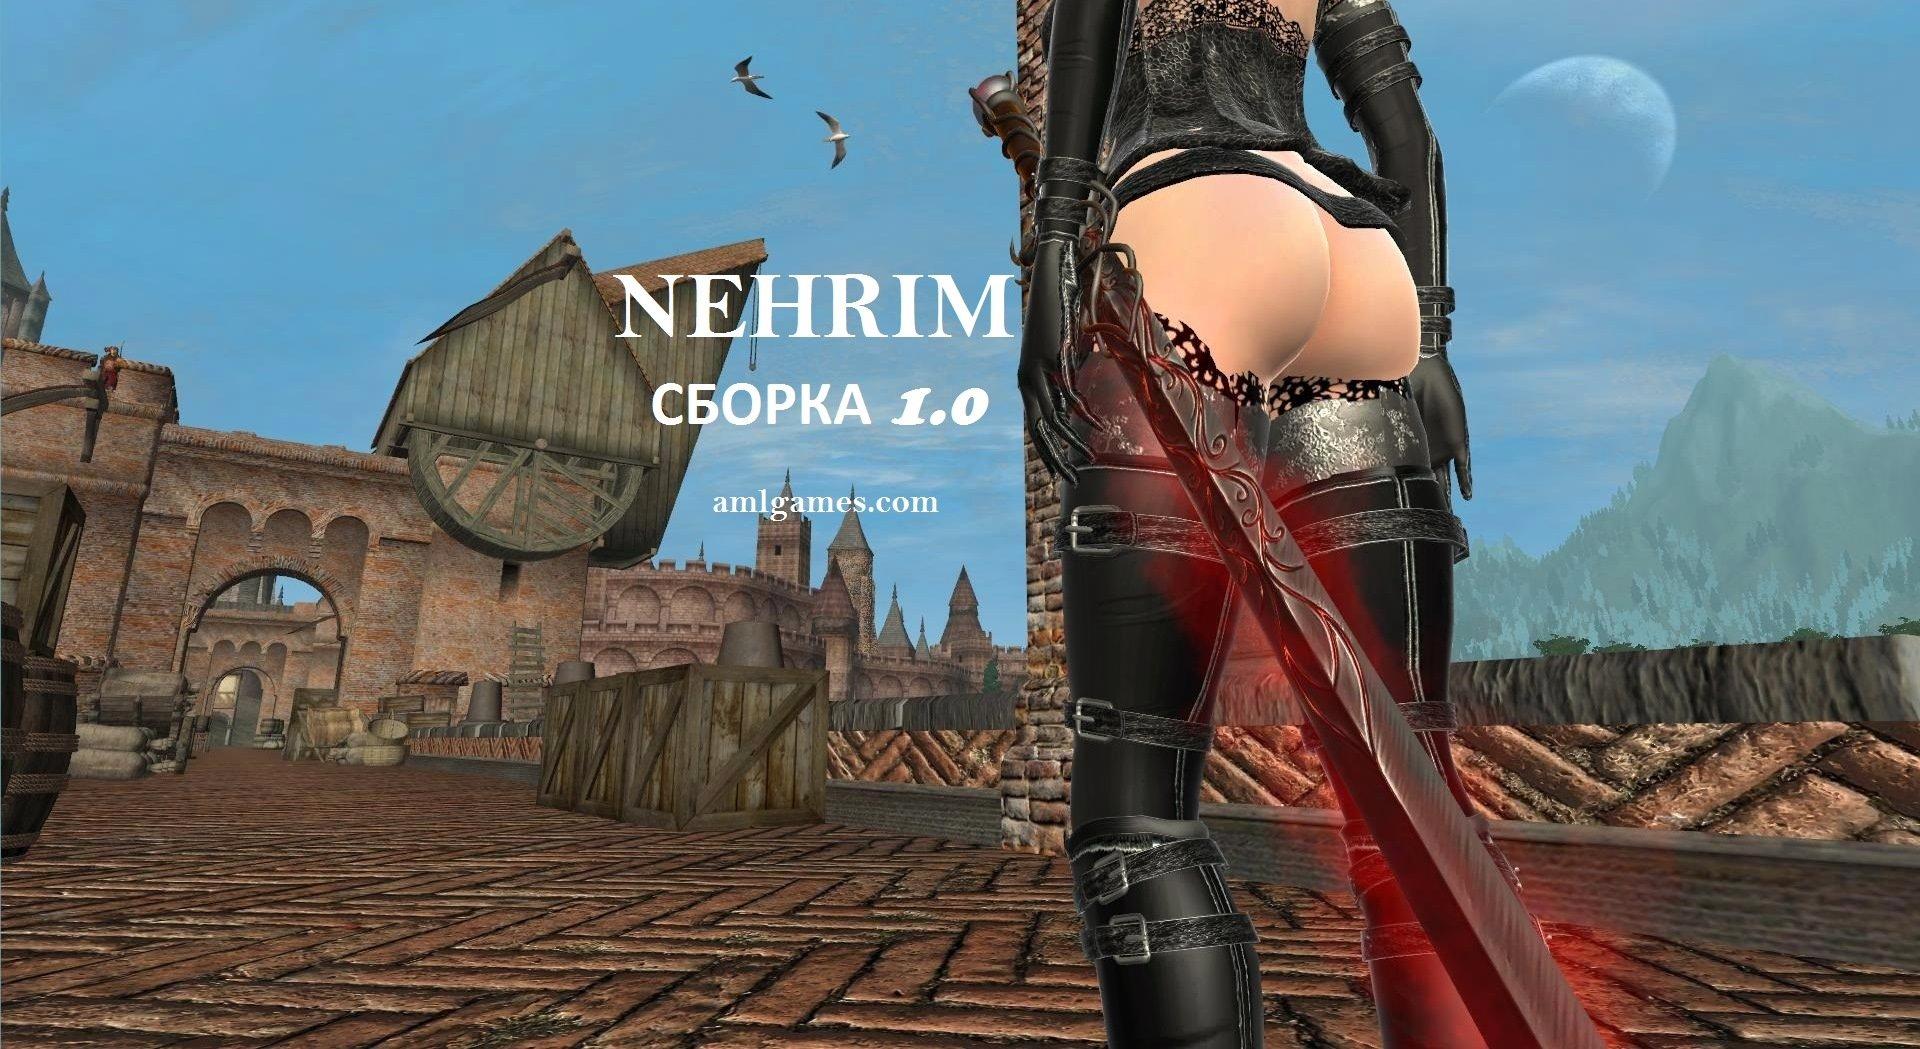 Обложка-1. НЕРИМ 1.0